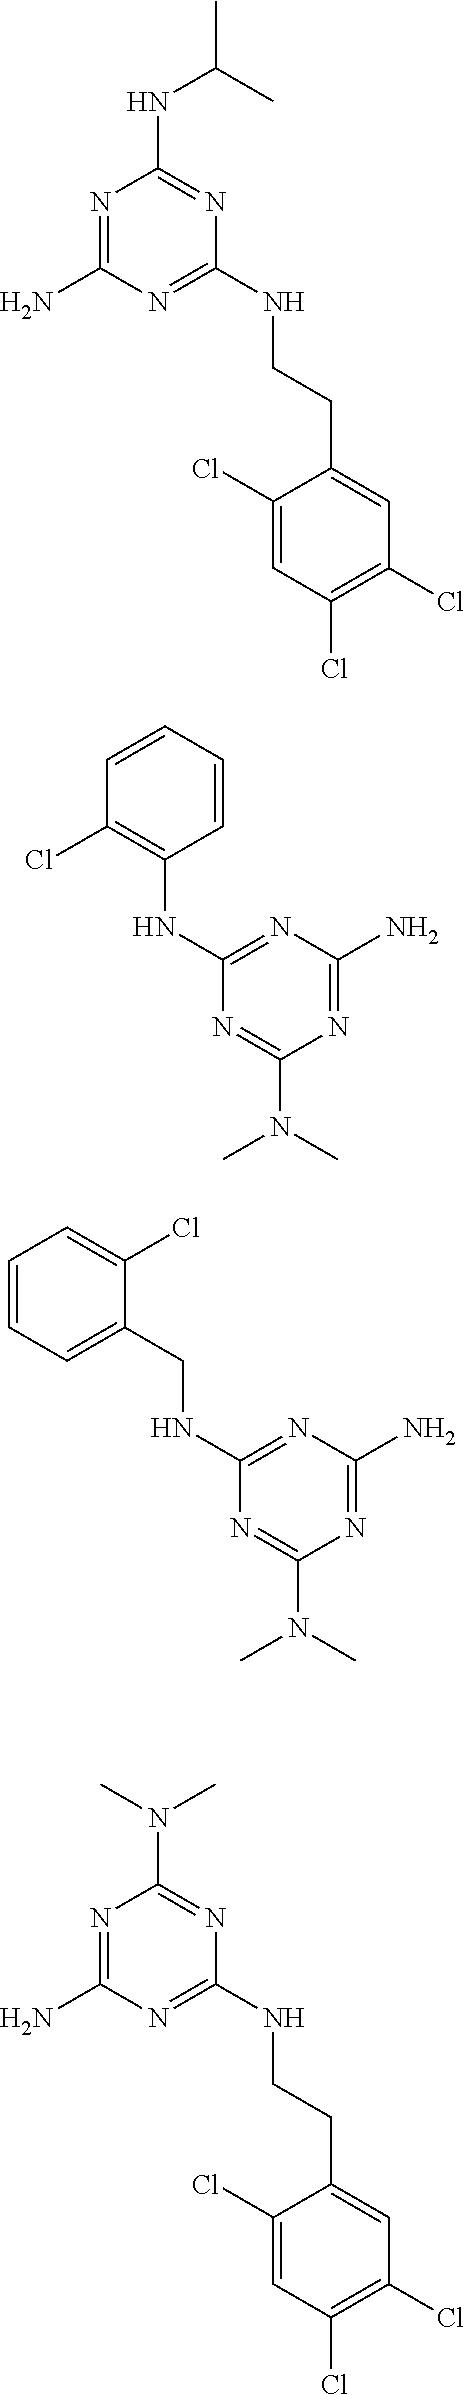 Figure US09480663-20161101-C00156